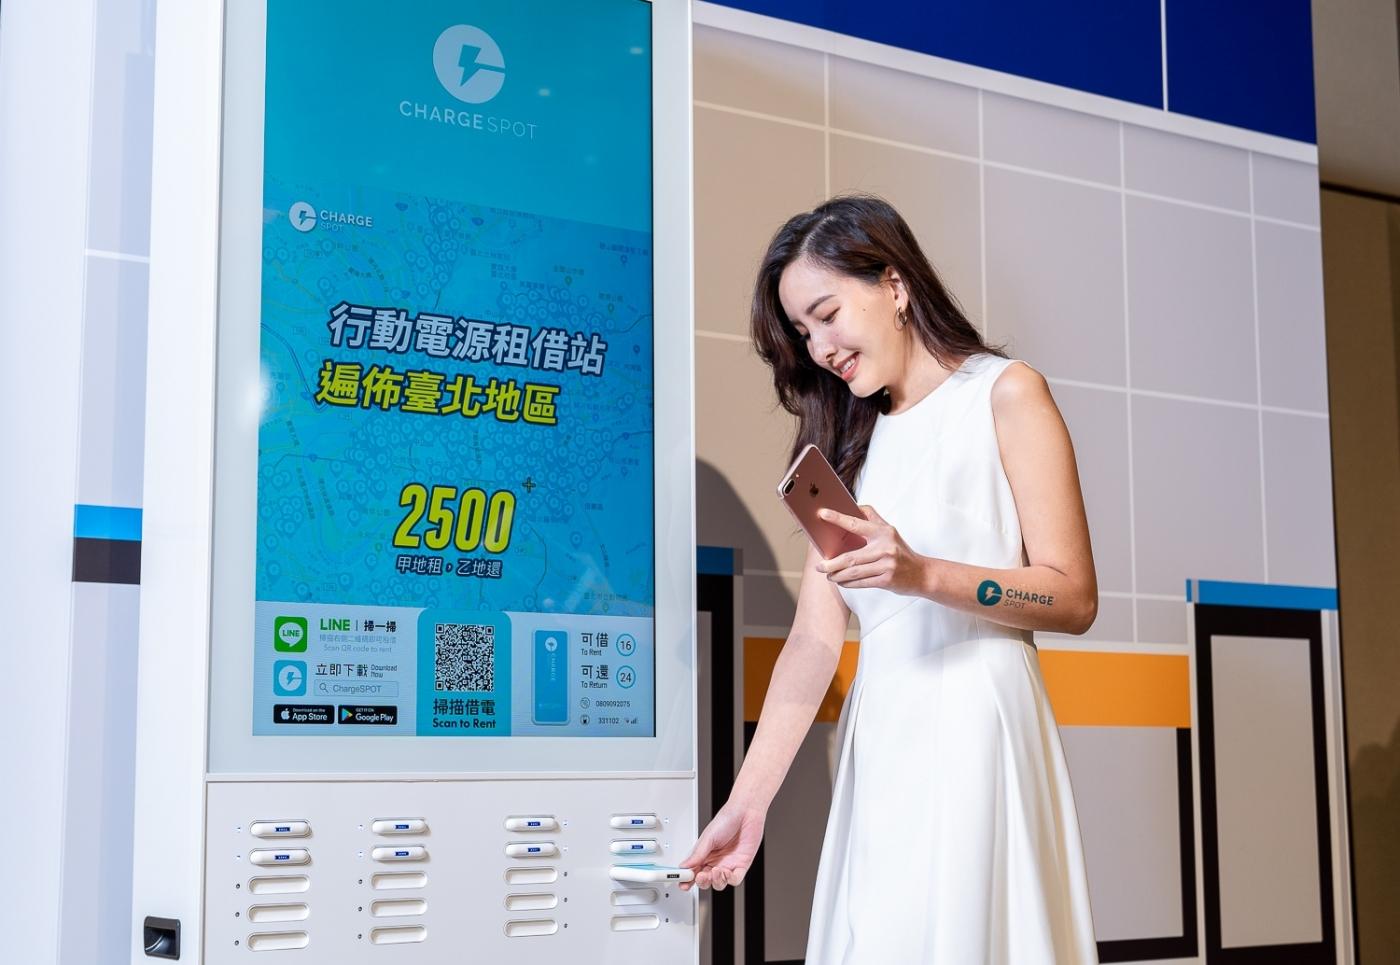 共享行動電源ChargeSPOT用戶衝20萬人,將攜手頂呱呱吃炸雞送無限充電